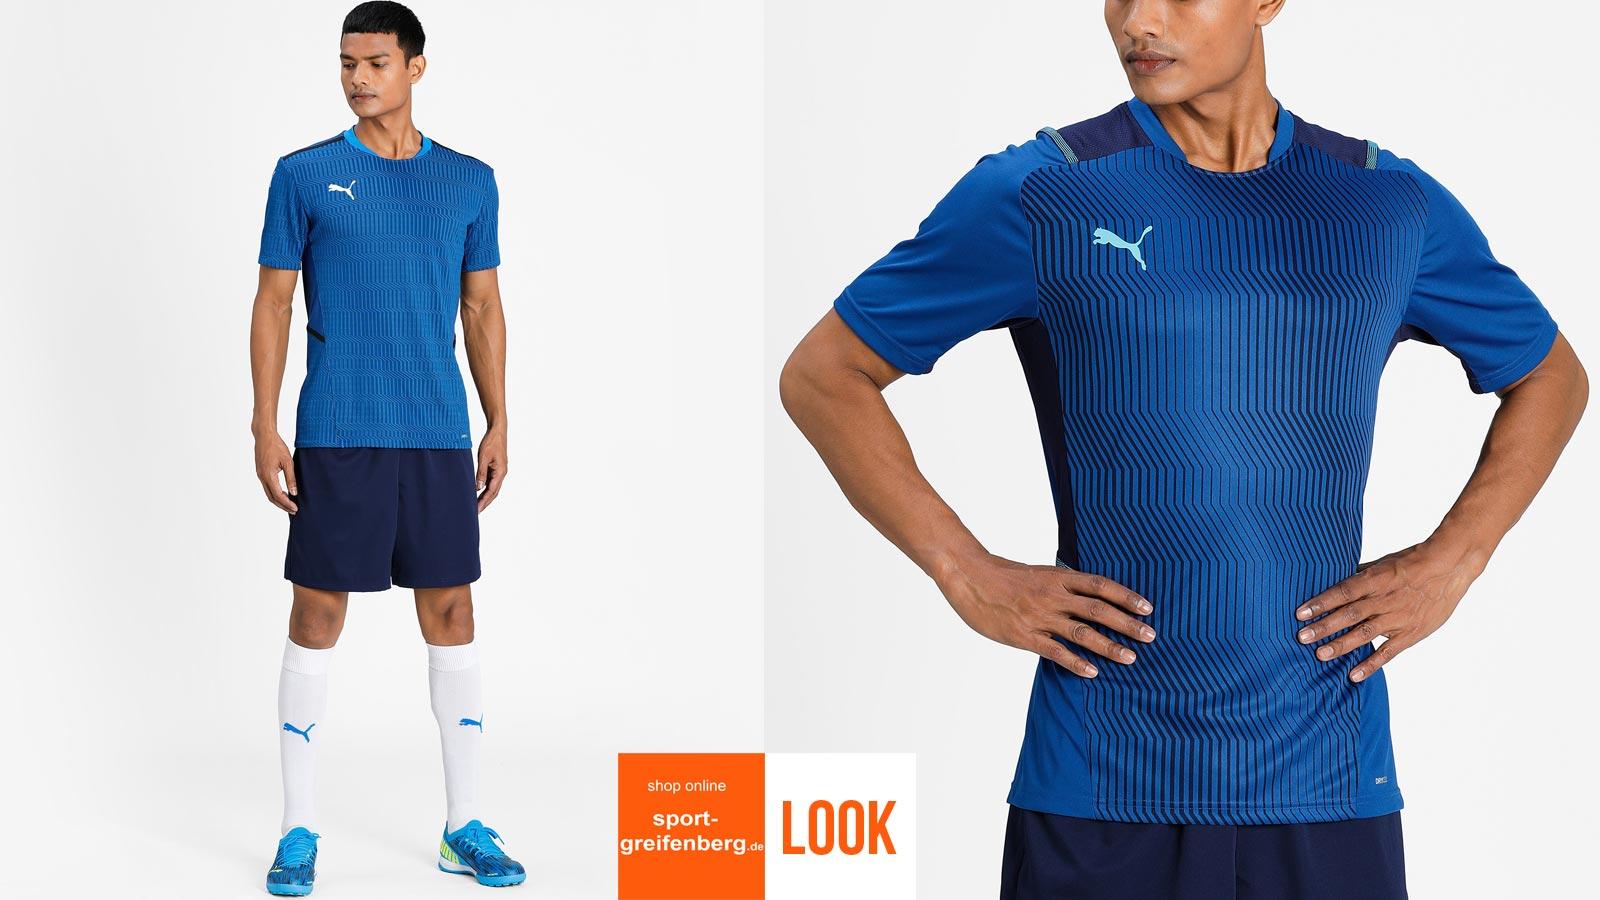 Das Puma Training Outfit teamCup mit Shirt und Short